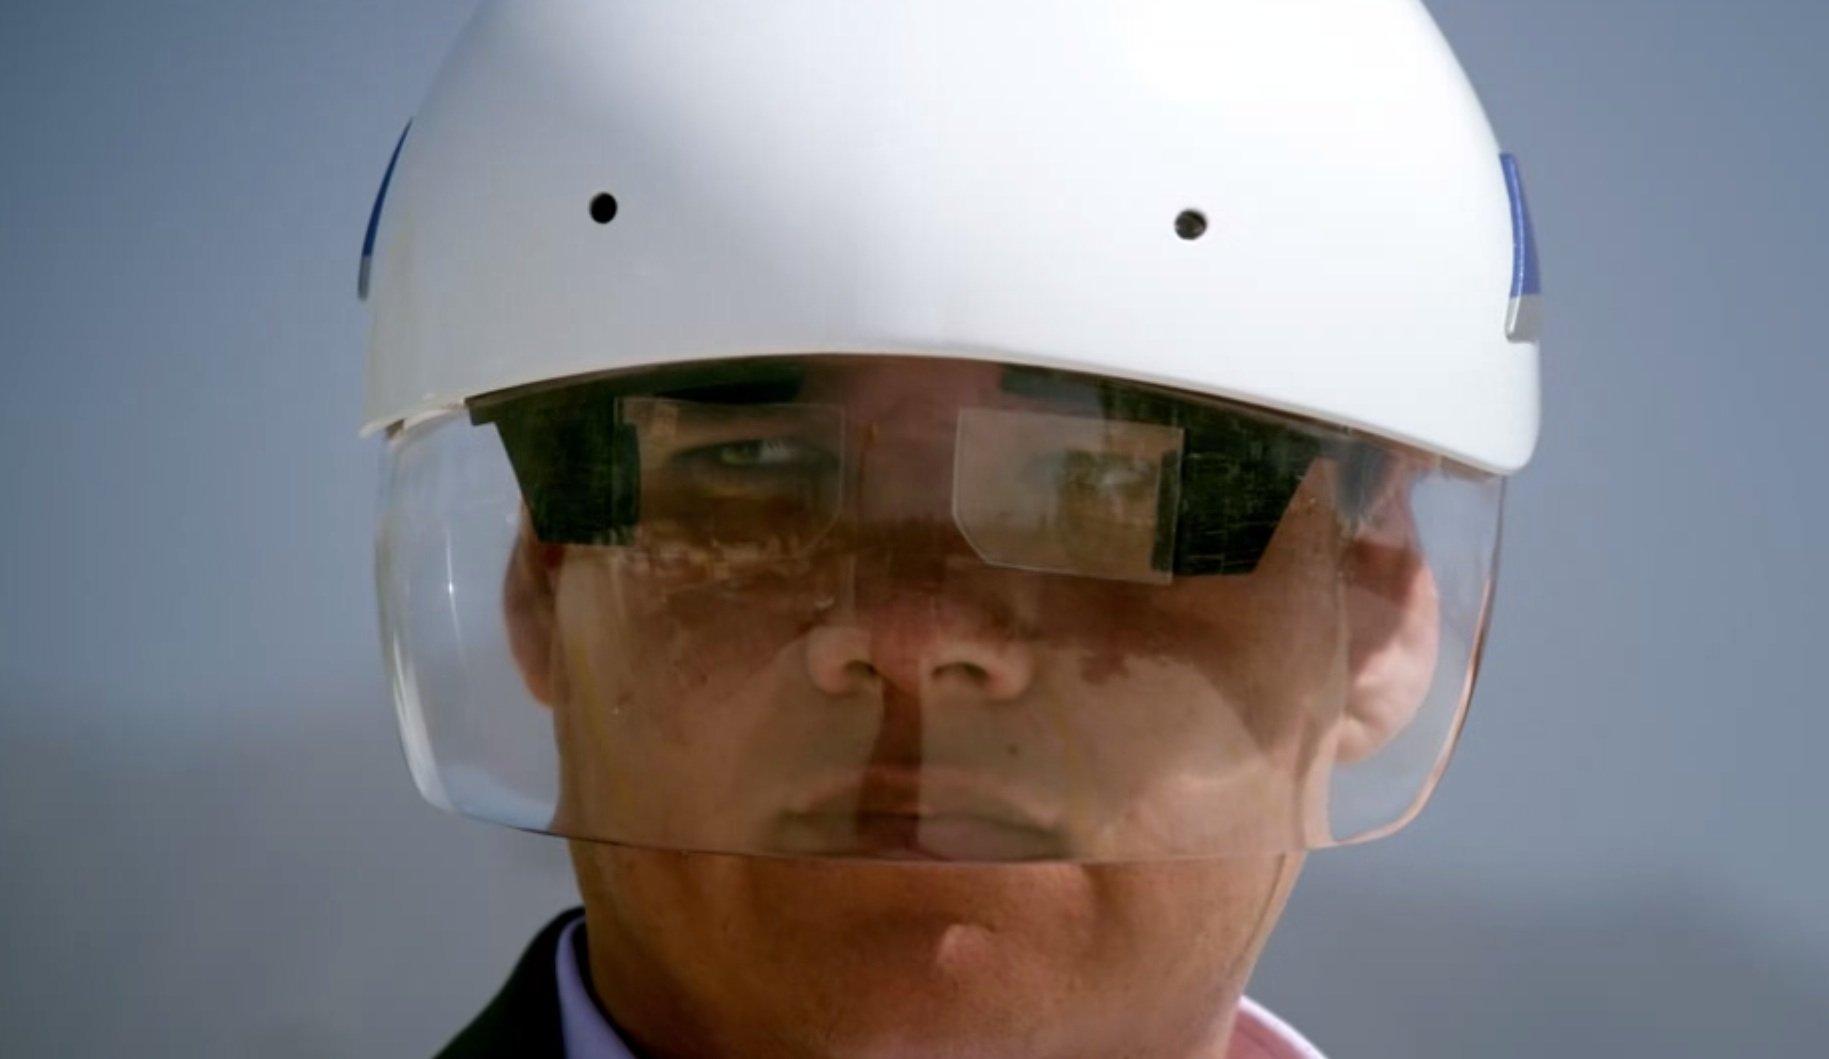 Daqri-Helm mit vorgeklappten Linsen in Form von Brillengläsern, die zur Übertragung der Informationen genutzt werden.